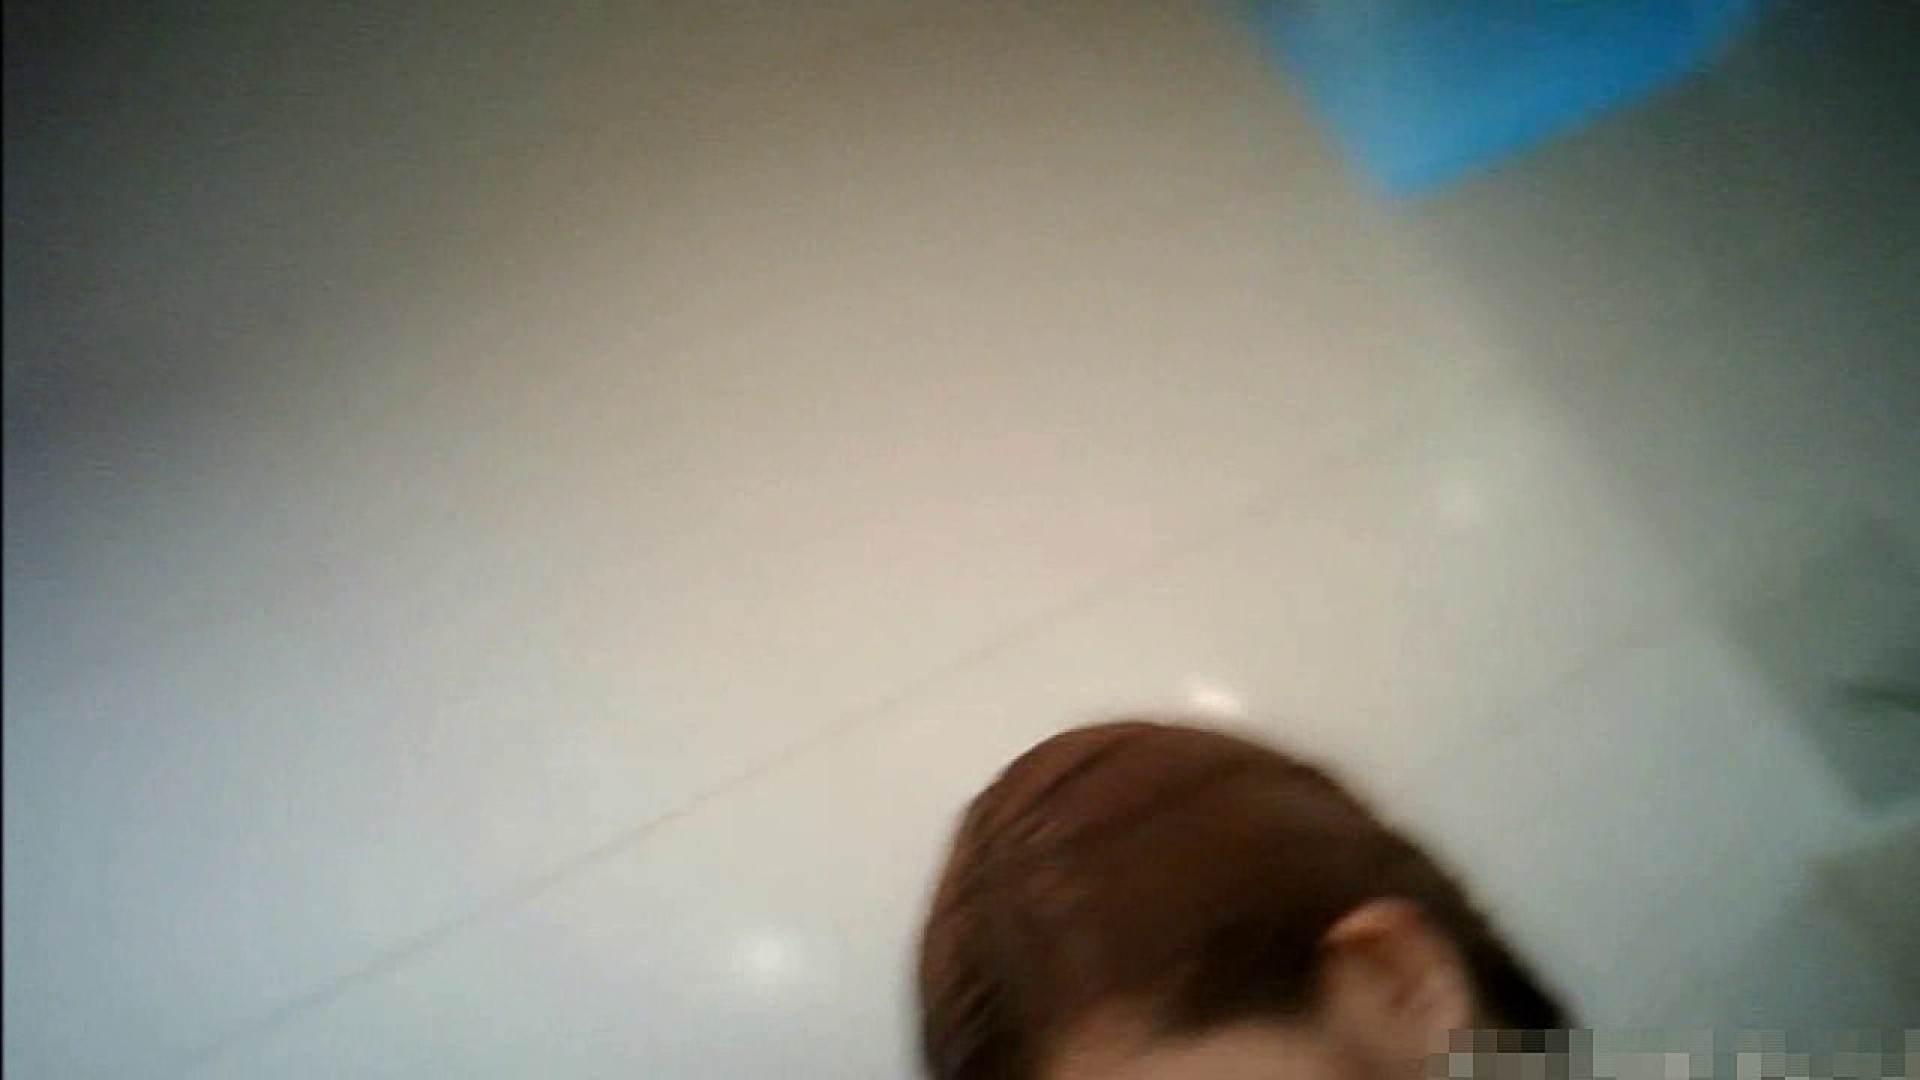 魔術師の お・も・て・な・し vol.07 19歳巨乳ギャルの入浴撮影 巨乳 おまんこ無修正動画無料 95pic 83